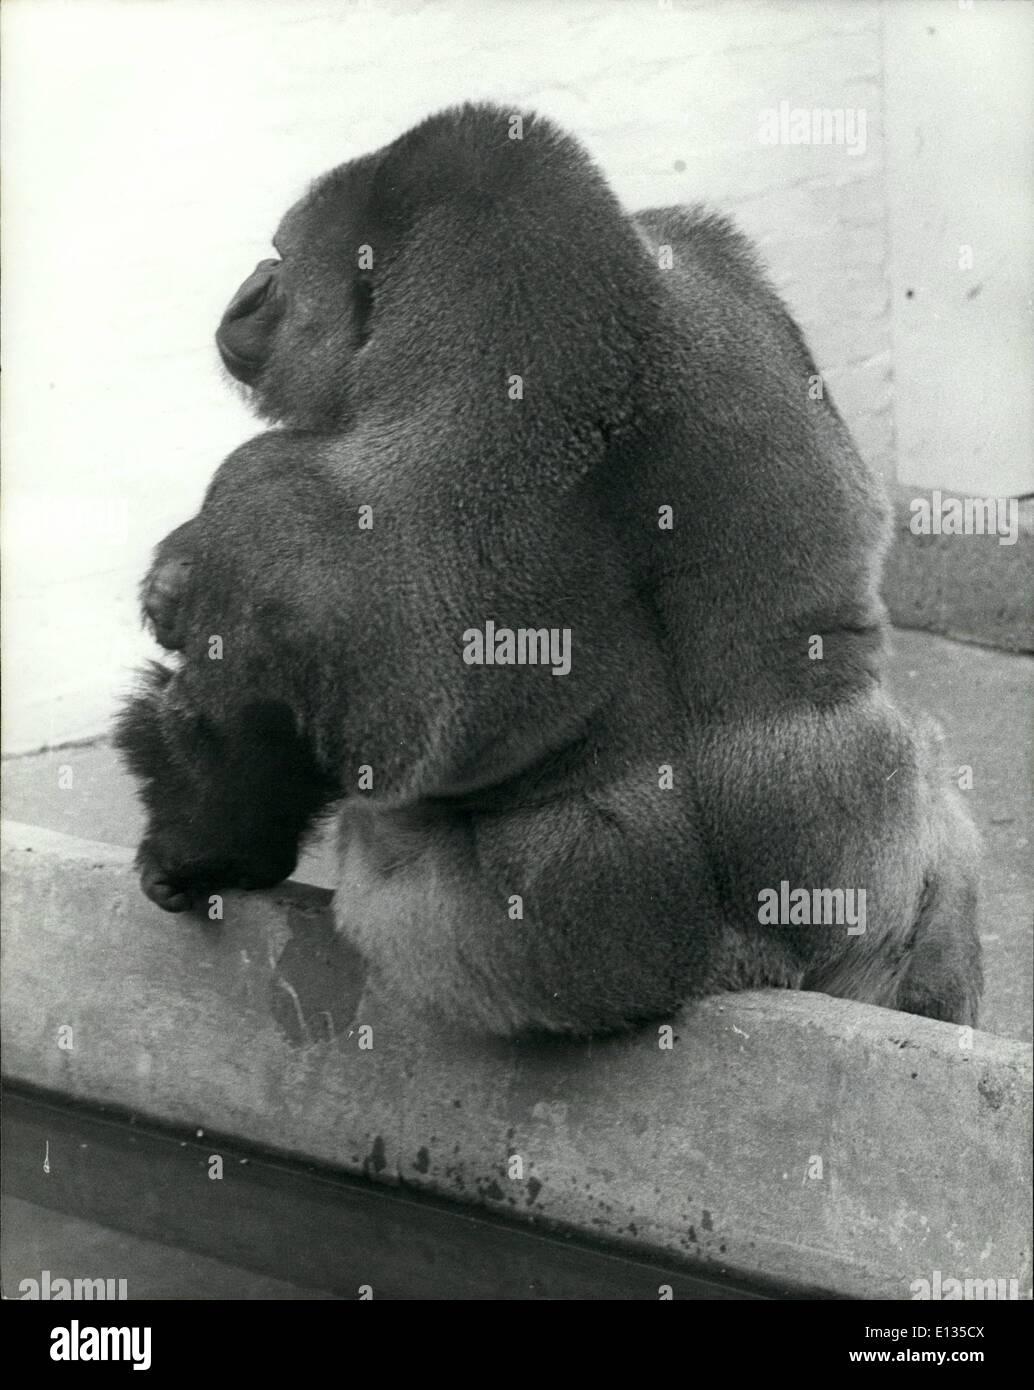 Febrero 26, 2012 - Invierno de descontento: Bukhama, un gorila de dieciséis años de edad en Dudley zoo en las West Foto de stock